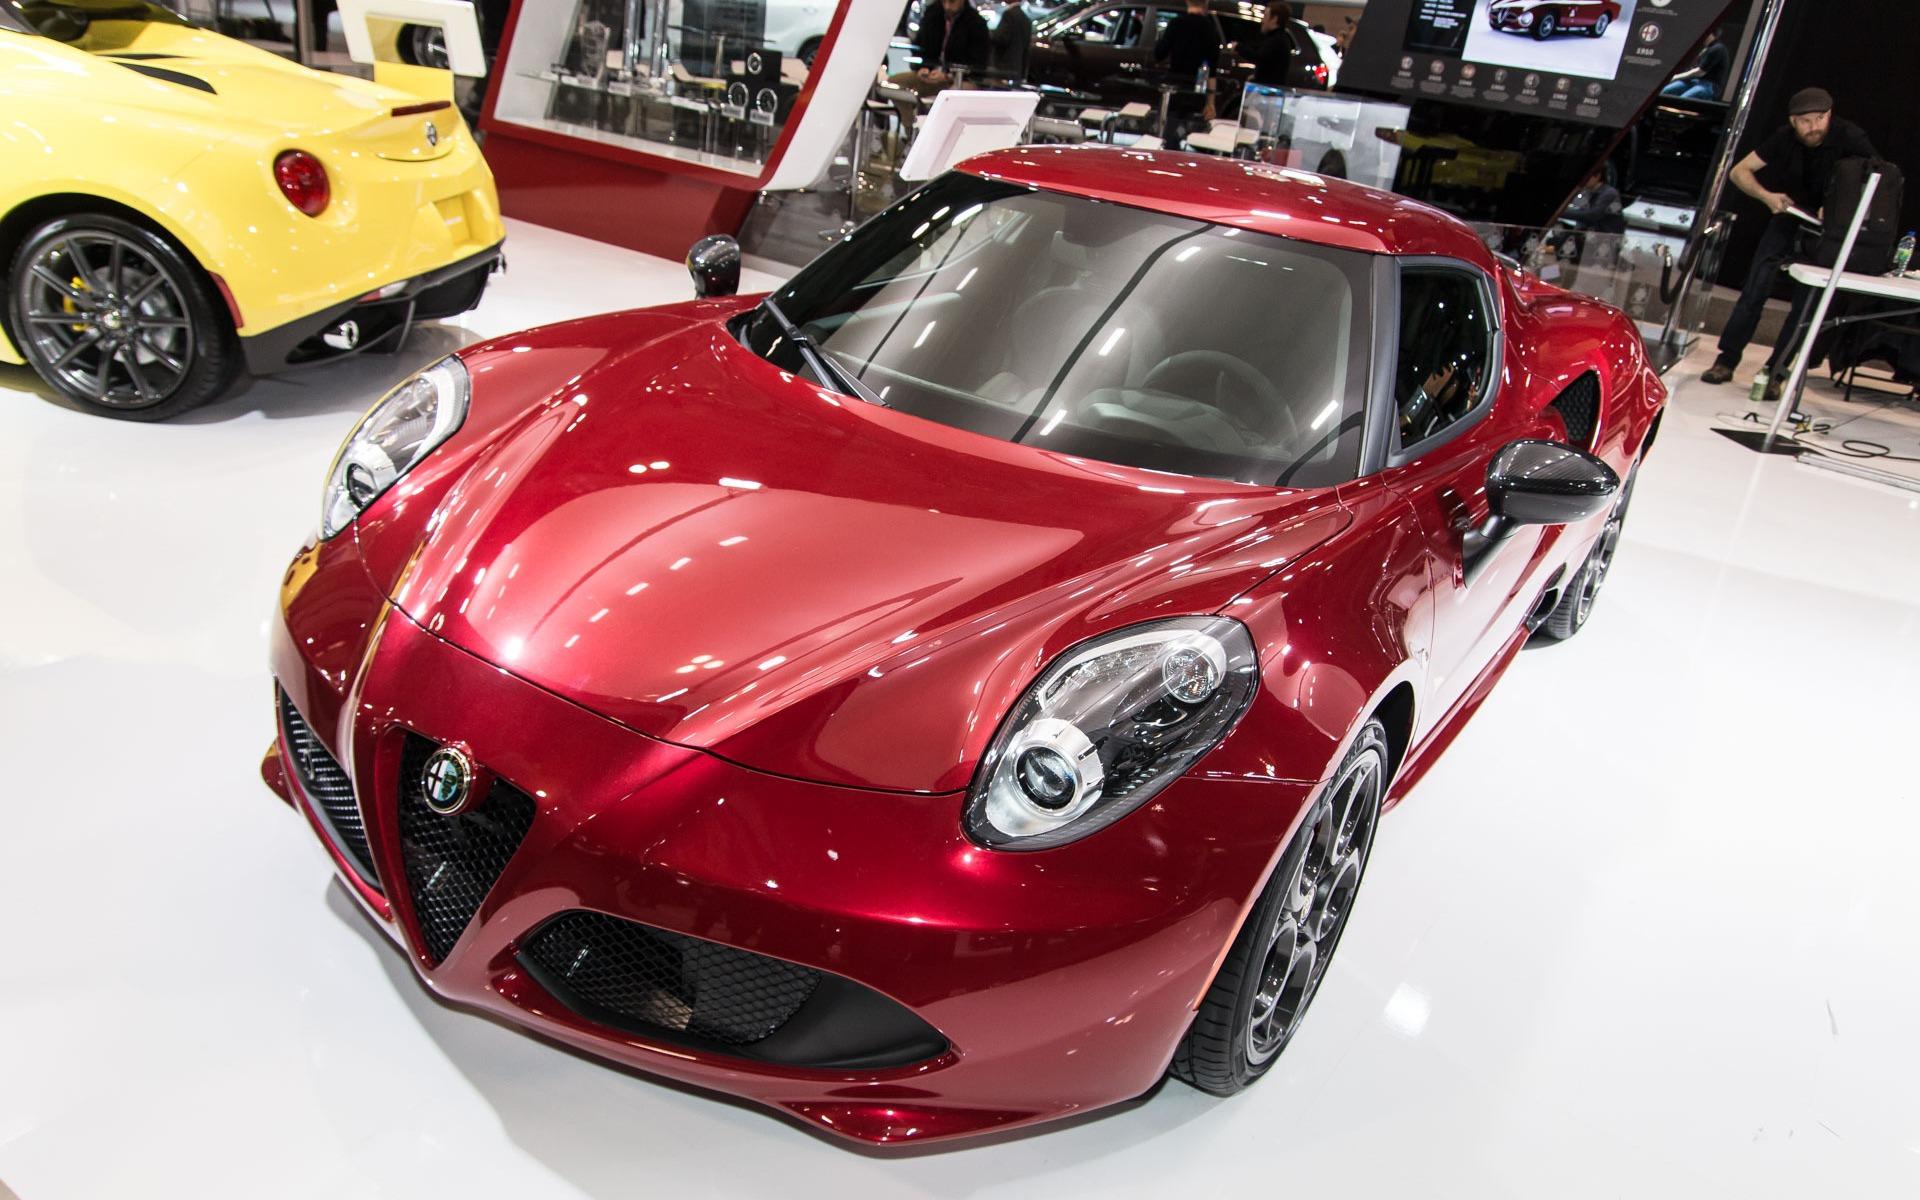 2017 Alfa Romeo 4c >> Photos Alfa Romeo 4C 2017 - 3/6 - Guide Auto